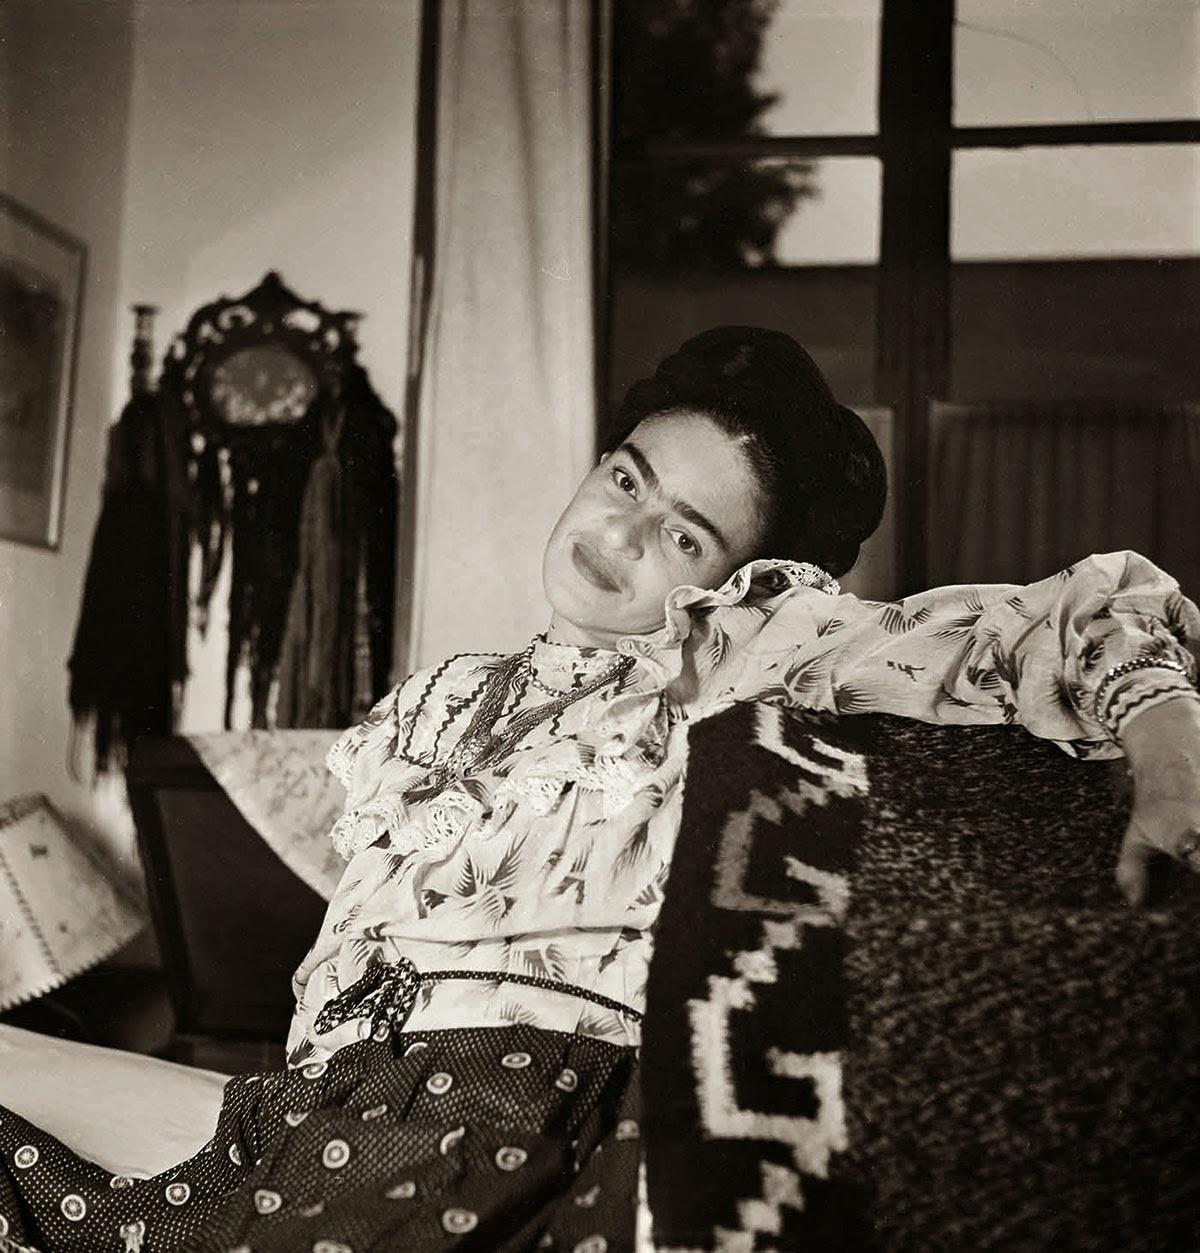 Gisèle+Freund+-+Frida+Kahlo+%282%29.jpeg